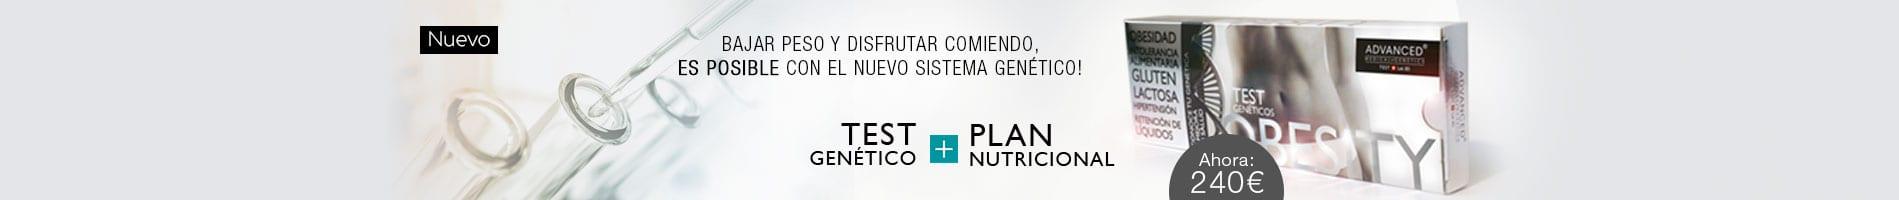 banner nutricion obesidad Nutrición